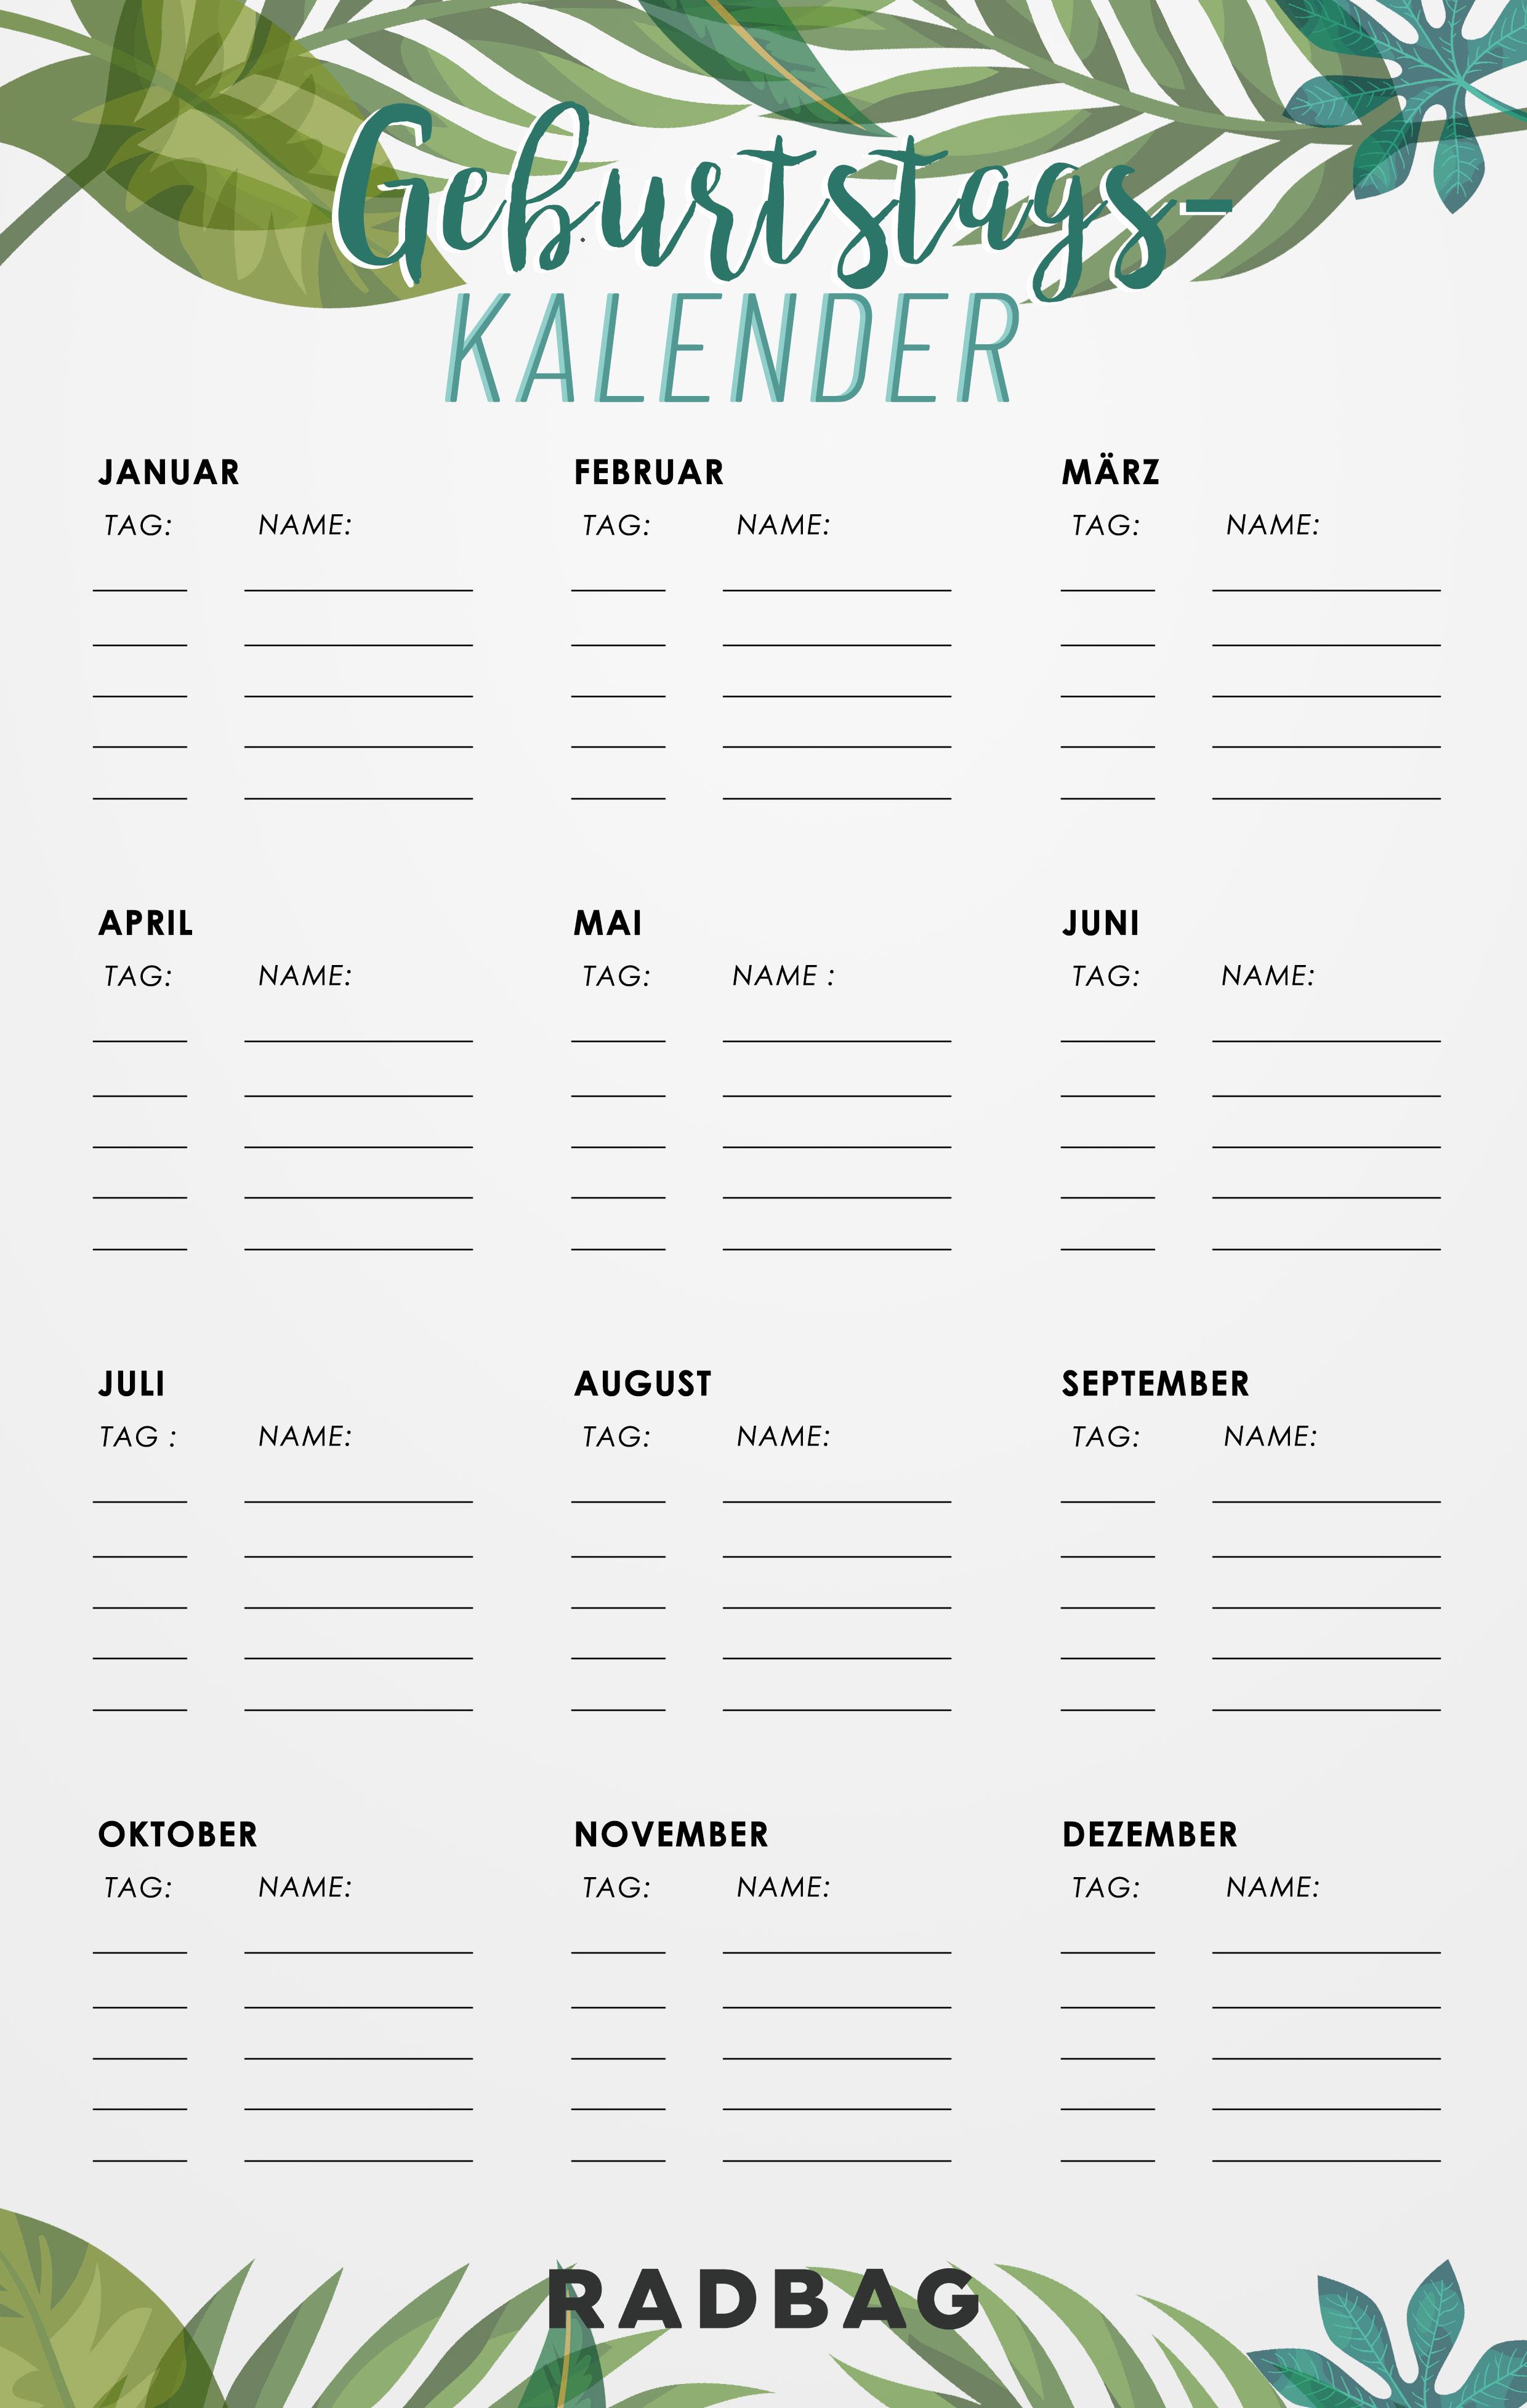 Geburtstagskalender zum Ausdrucken (Free Printable)